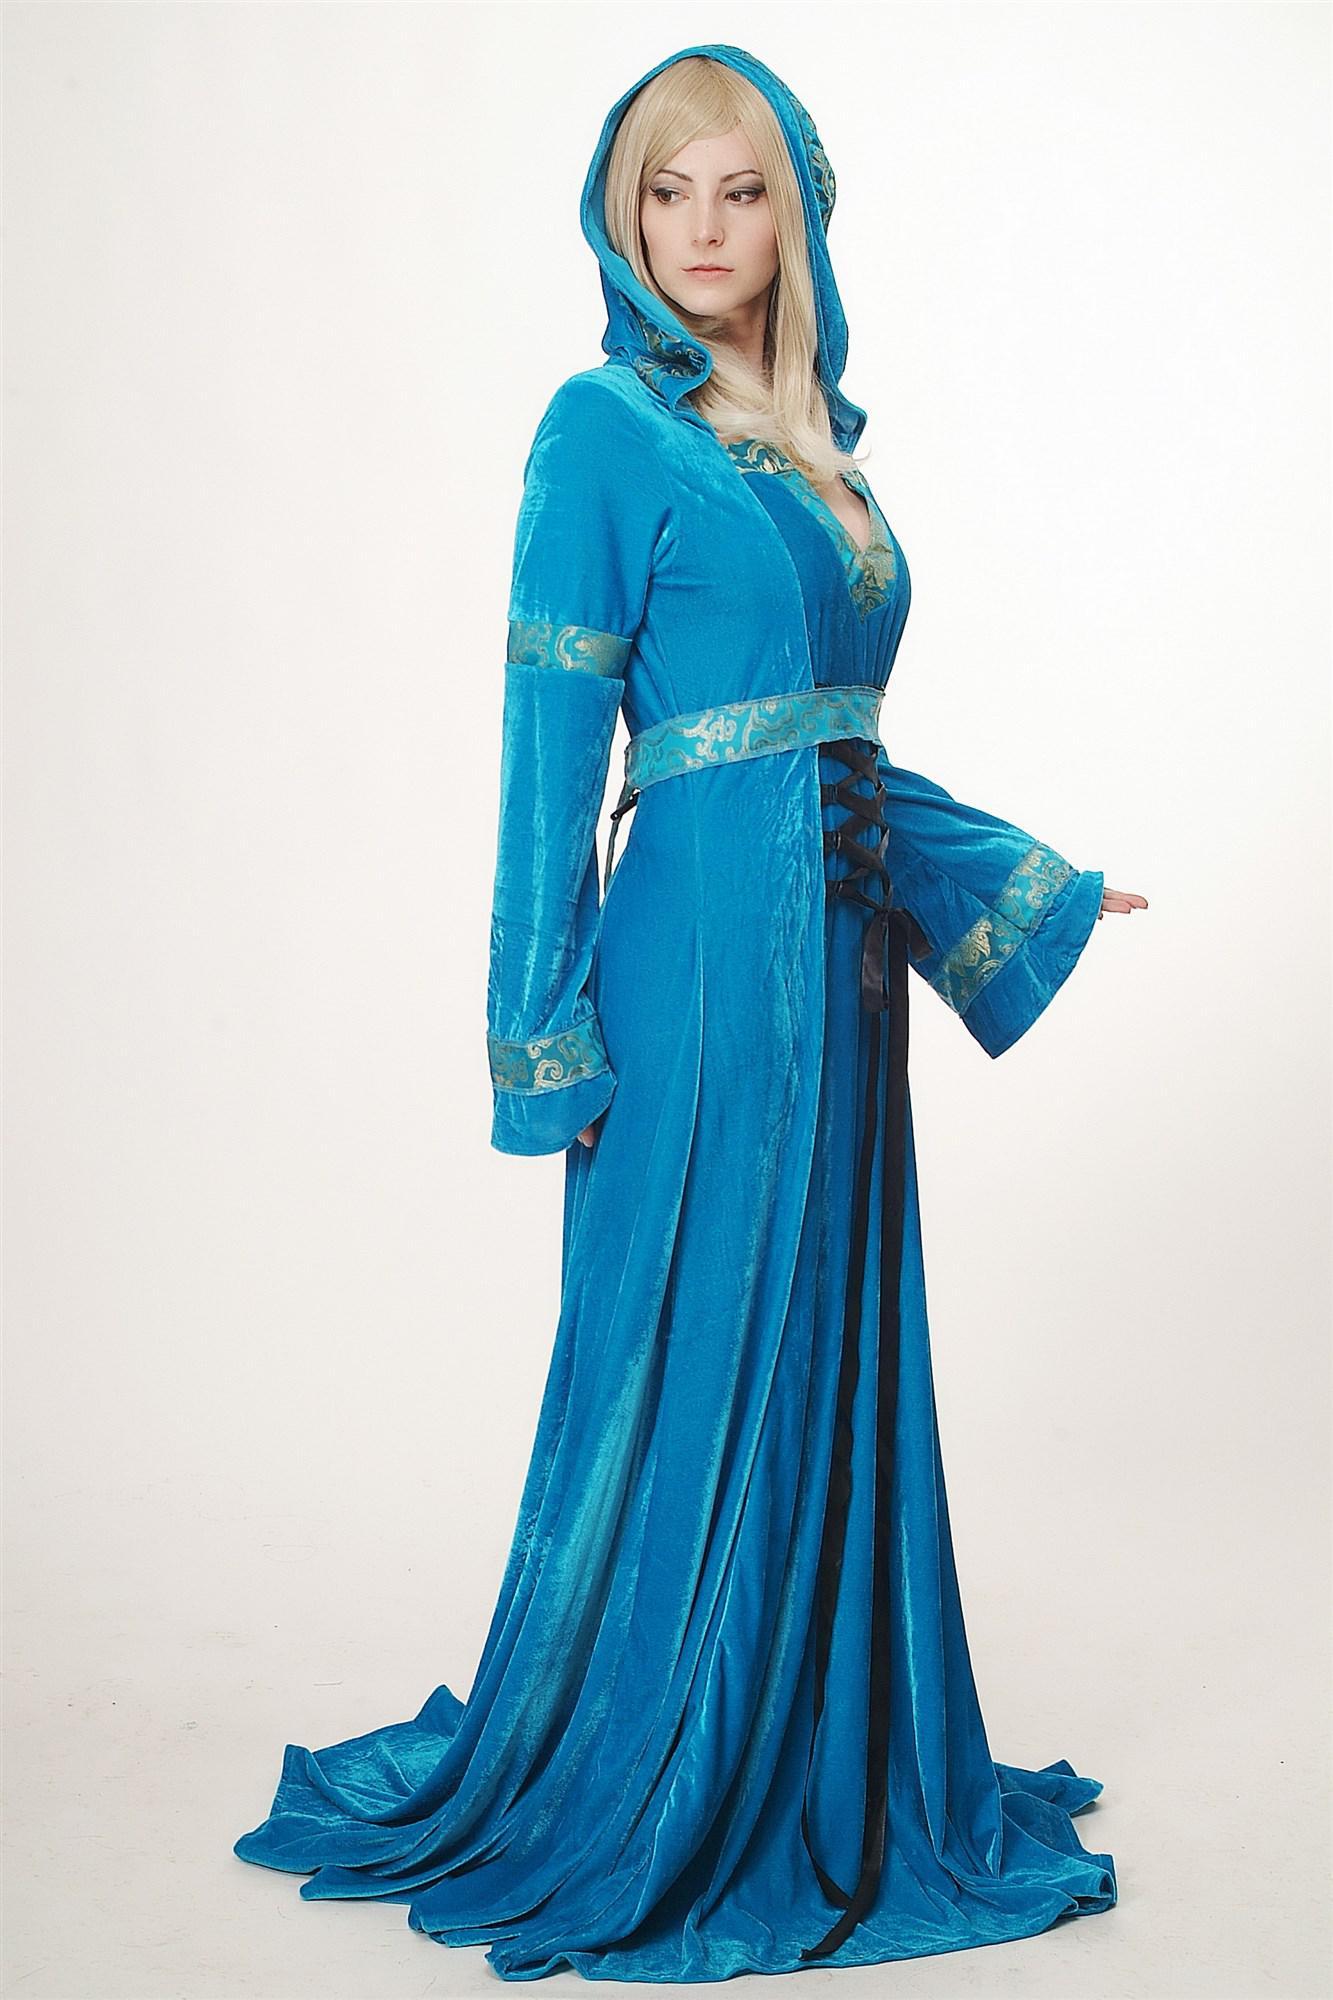 Kostüm Damen Aufwändig Kleid Elfe Waldelfe Märchen Mittelalter